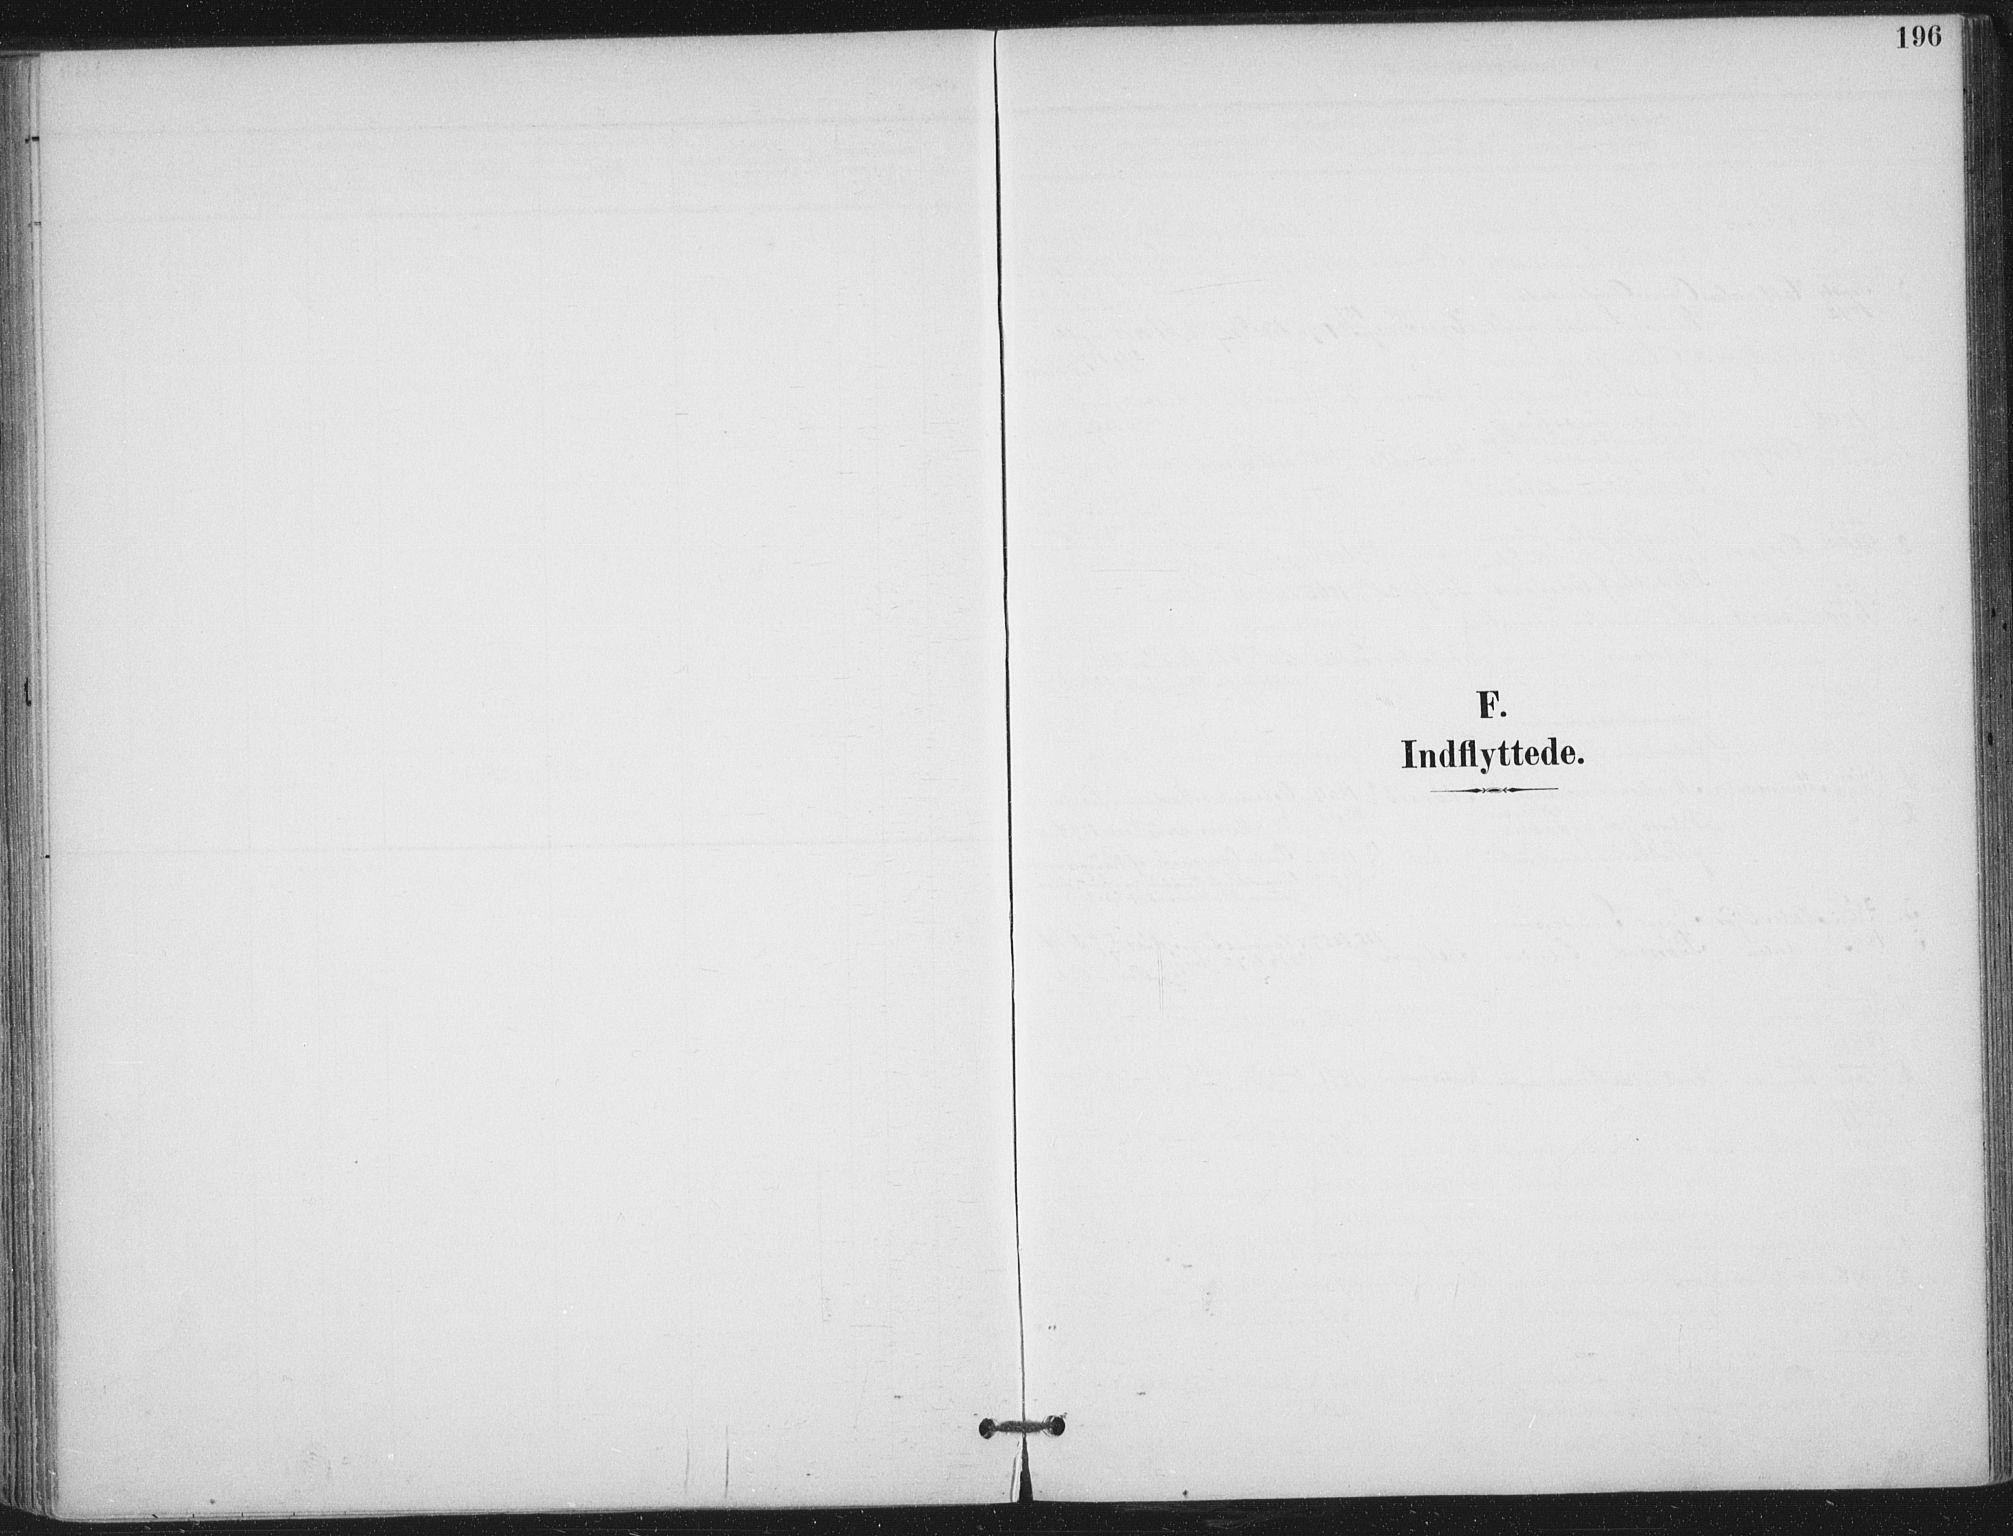 SAT, Ministerialprotokoller, klokkerbøker og fødselsregistre - Nord-Trøndelag, 703/L0031: Parish register (official) no. 703A04, 1893-1914, p. 196